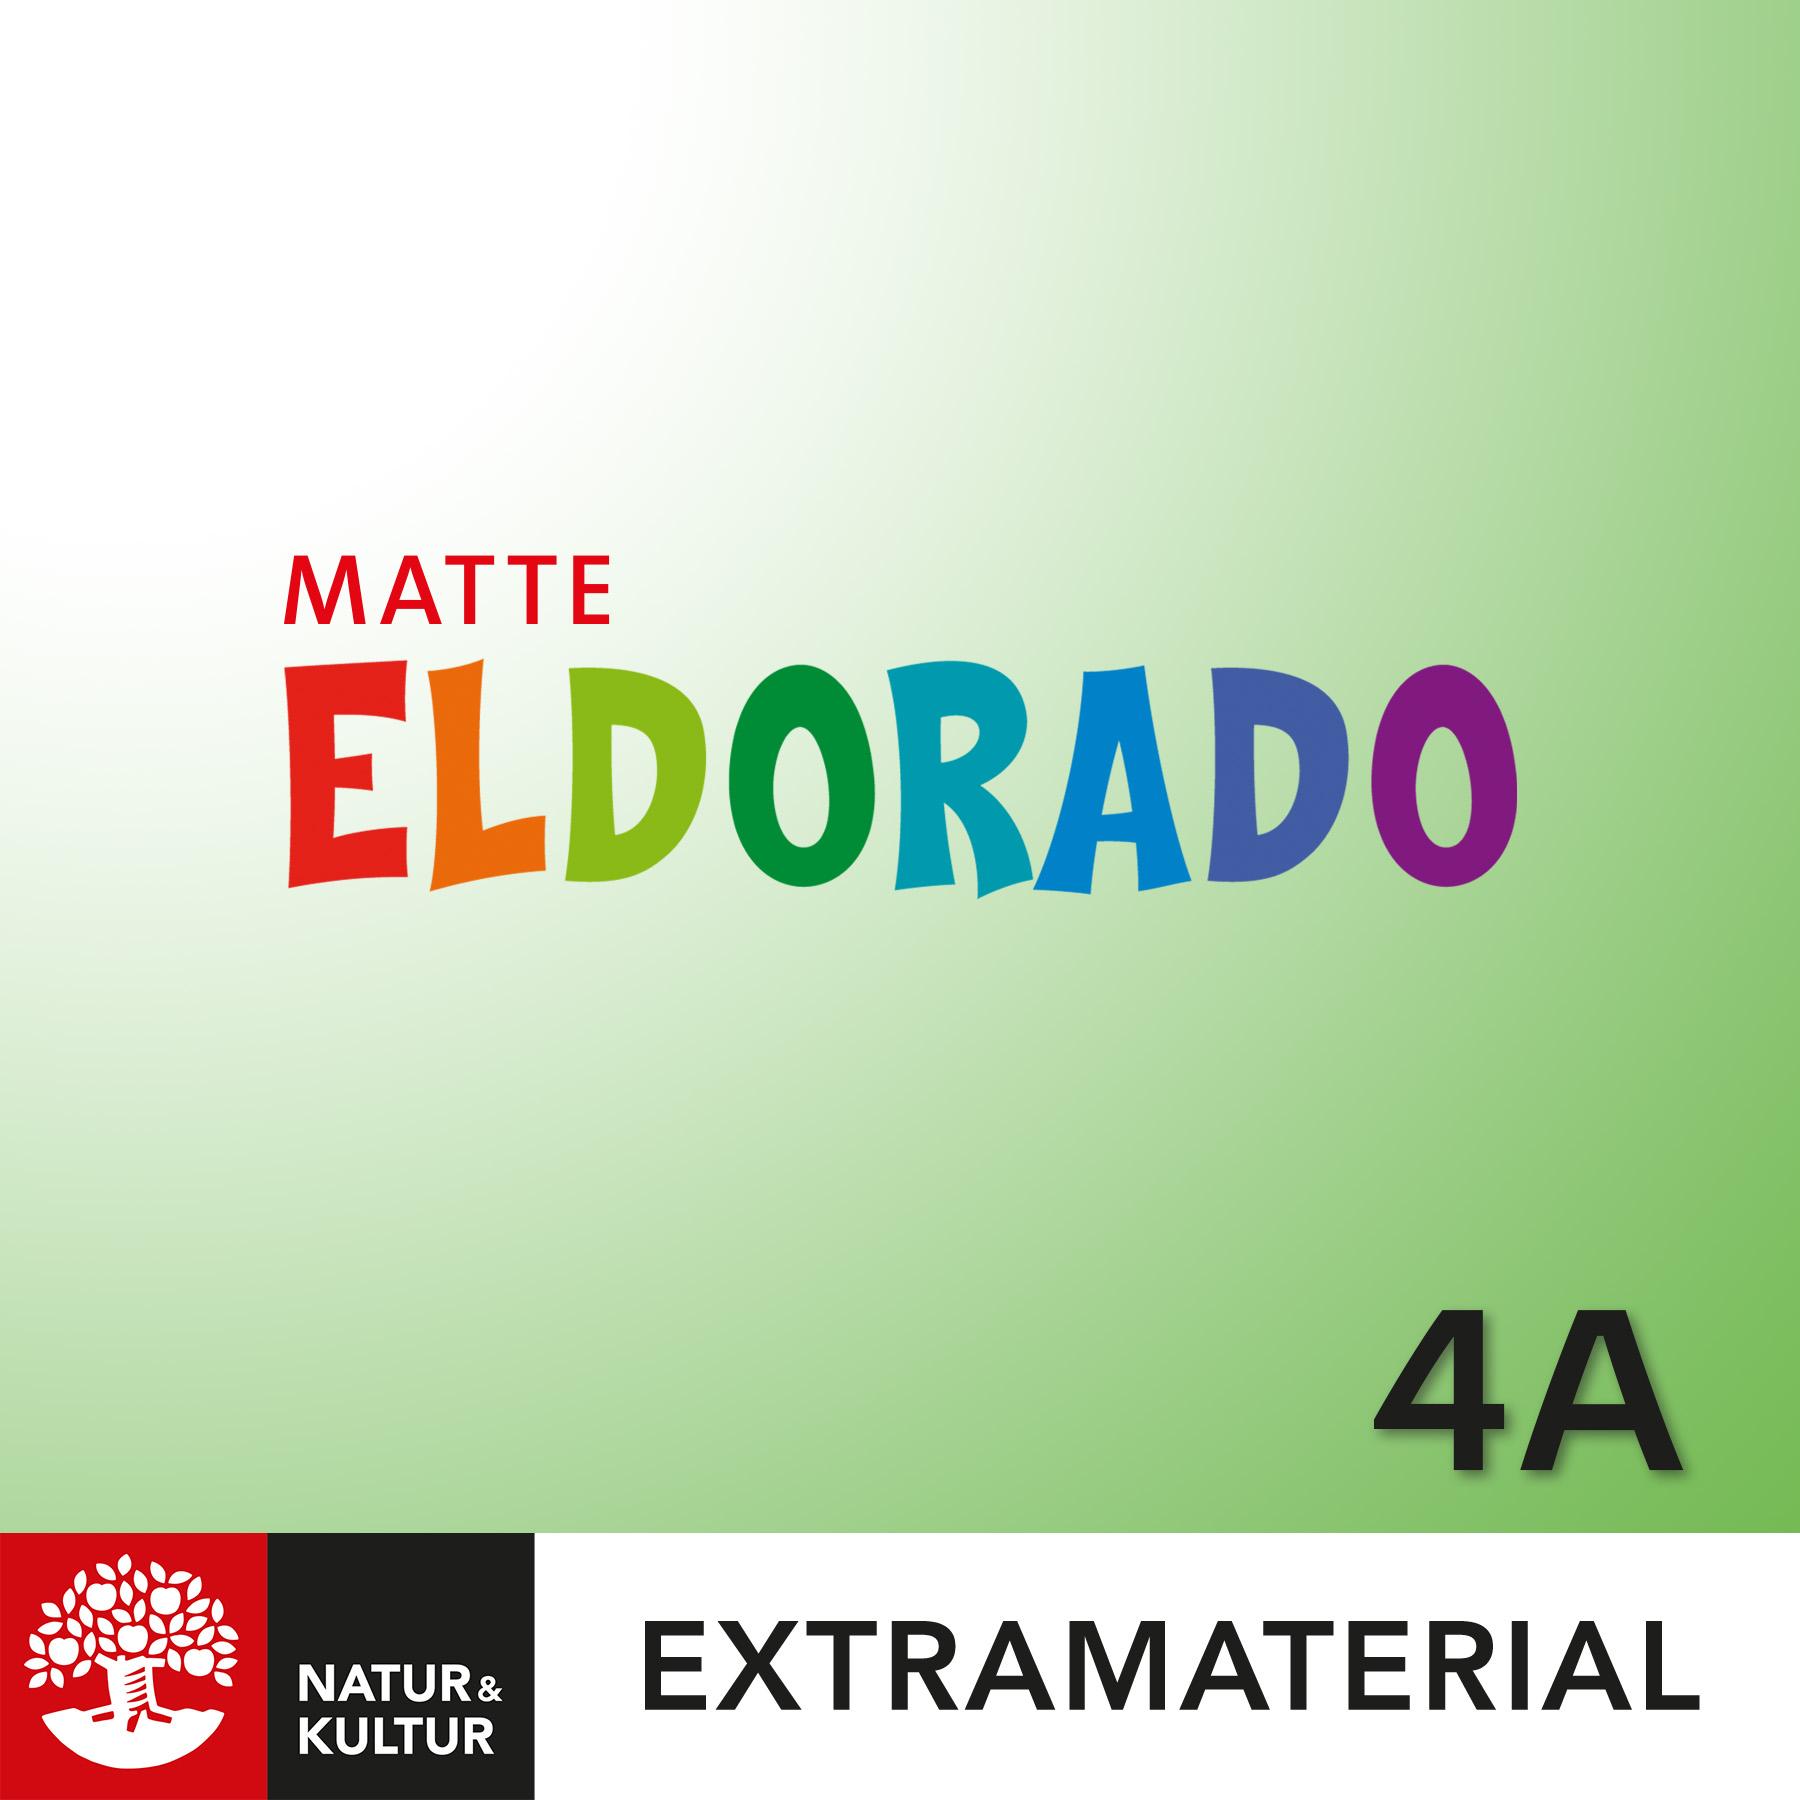 Eldorado 4A